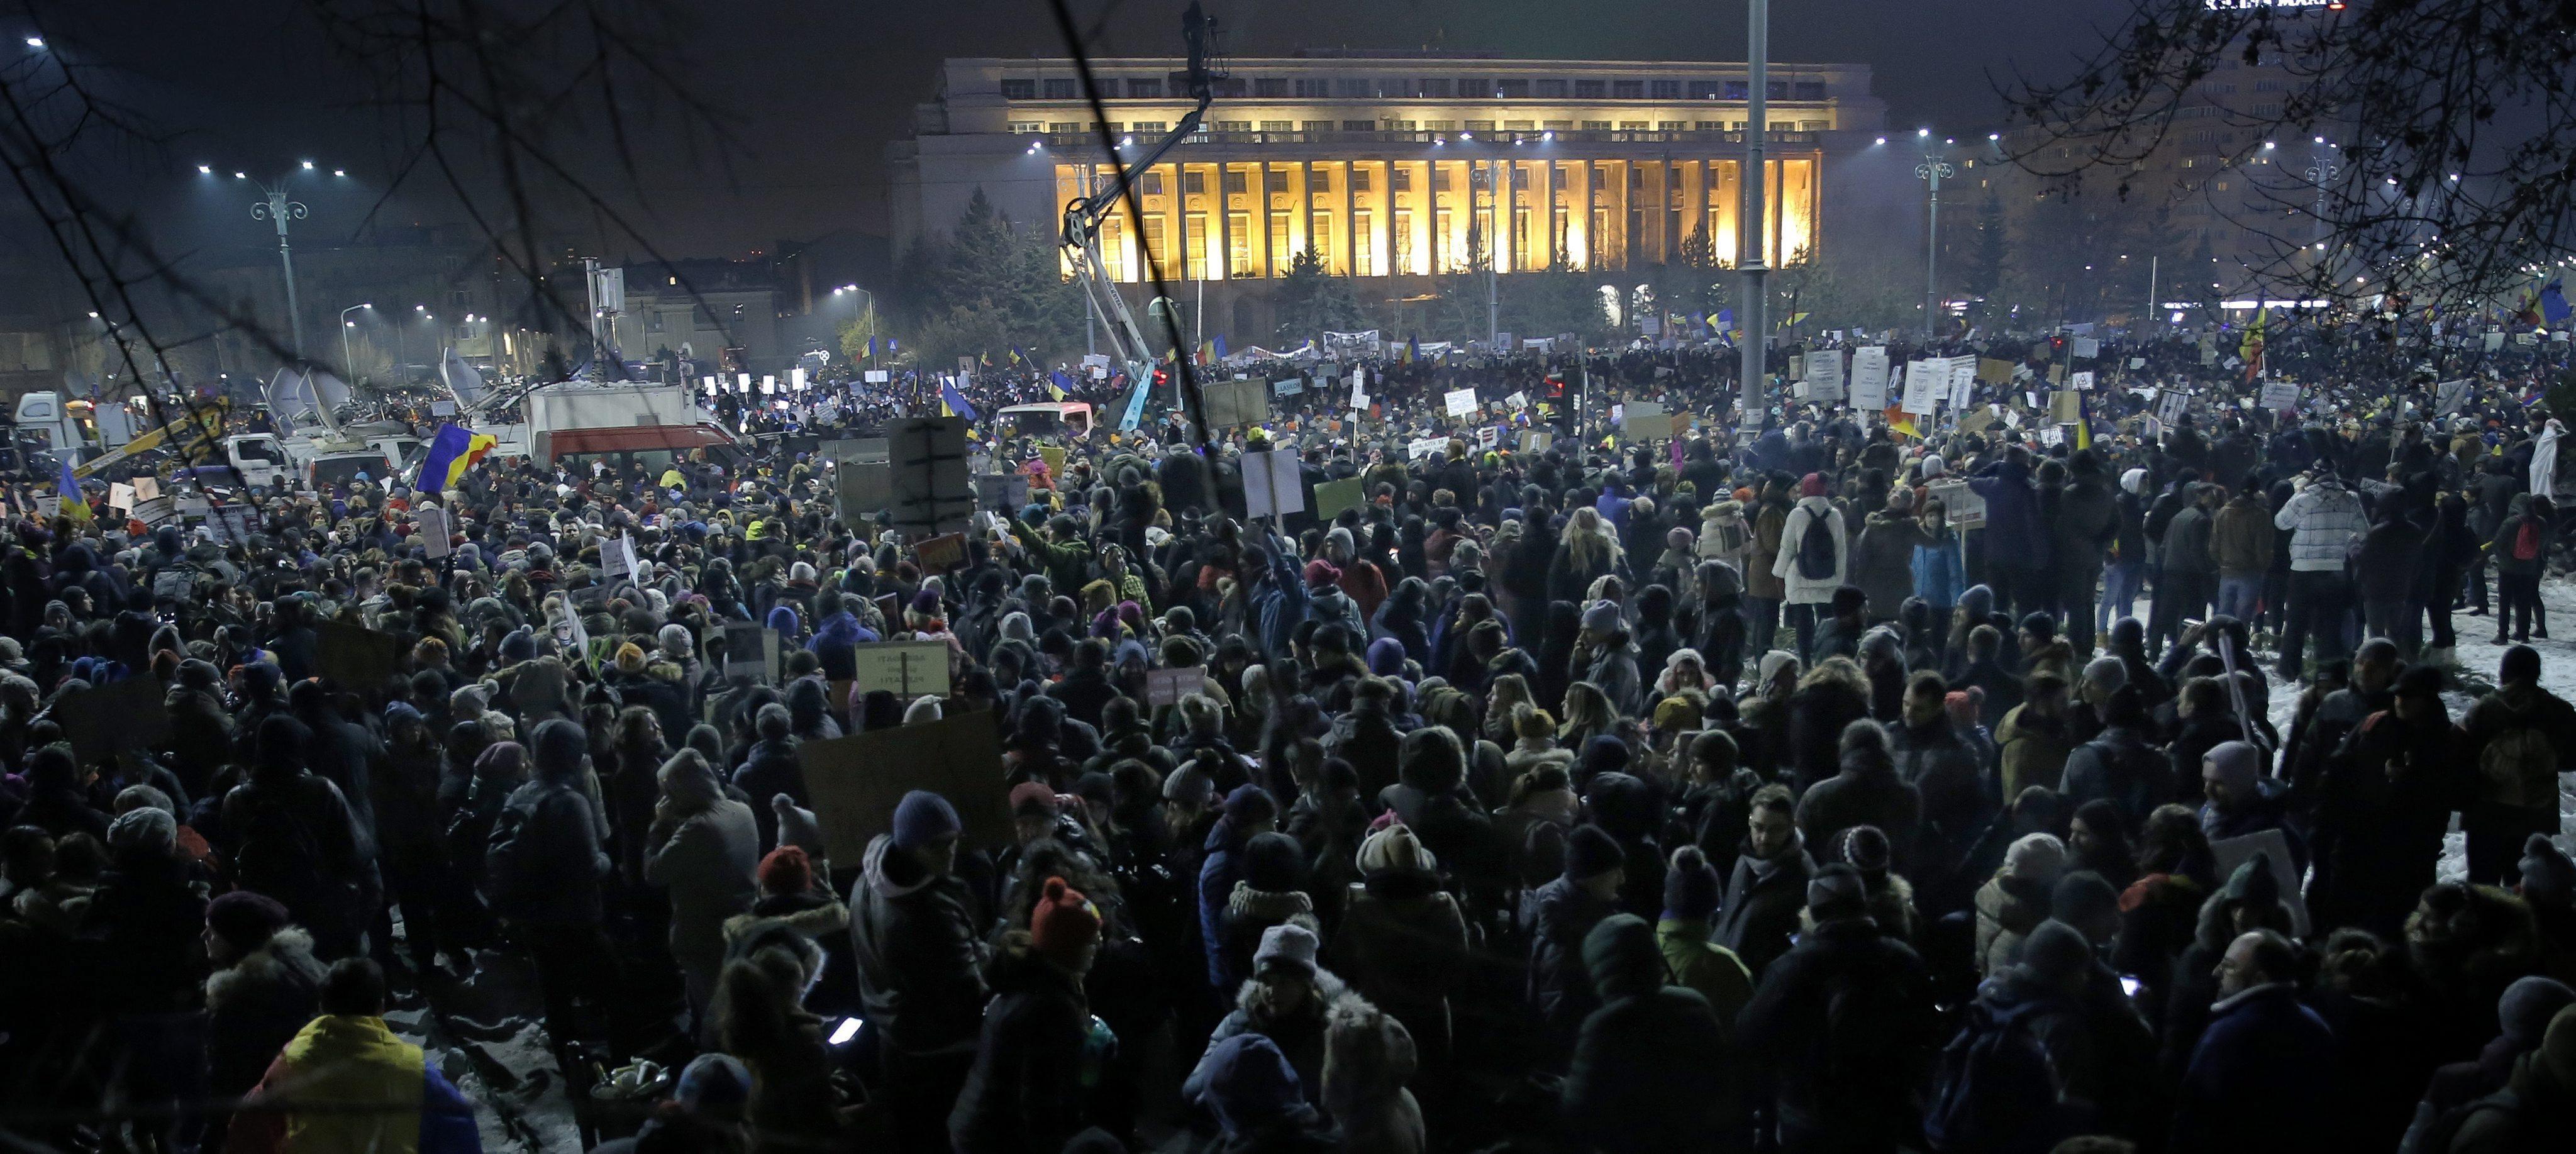 La movilización popular tumba la ley de despenalización de la corrupción y obliga al Gobierno rumano a destituir al ministro de Justicia del país. El segundo país más pobre de…